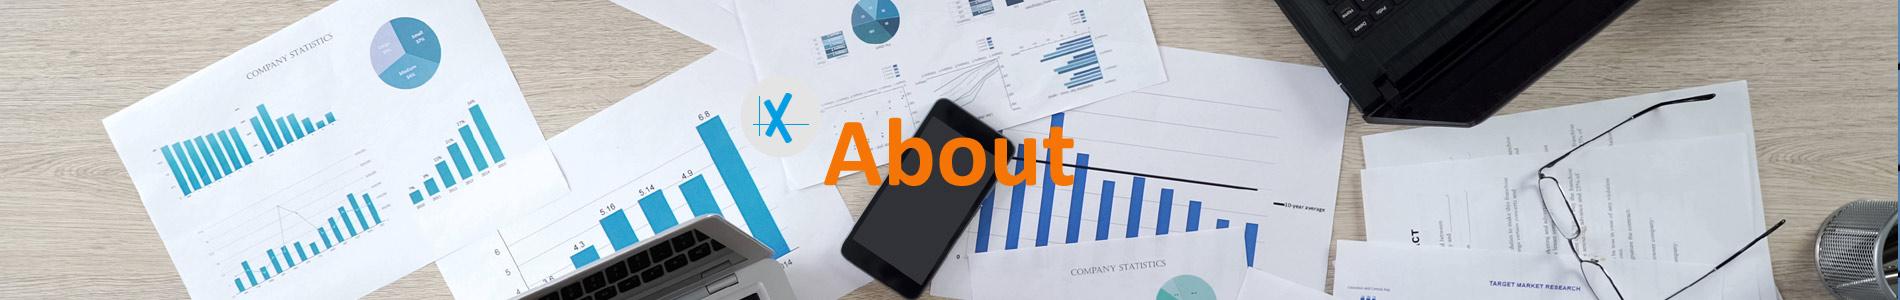 Gary Knott | how2excel - Excel Schulungen - About Gary Knott